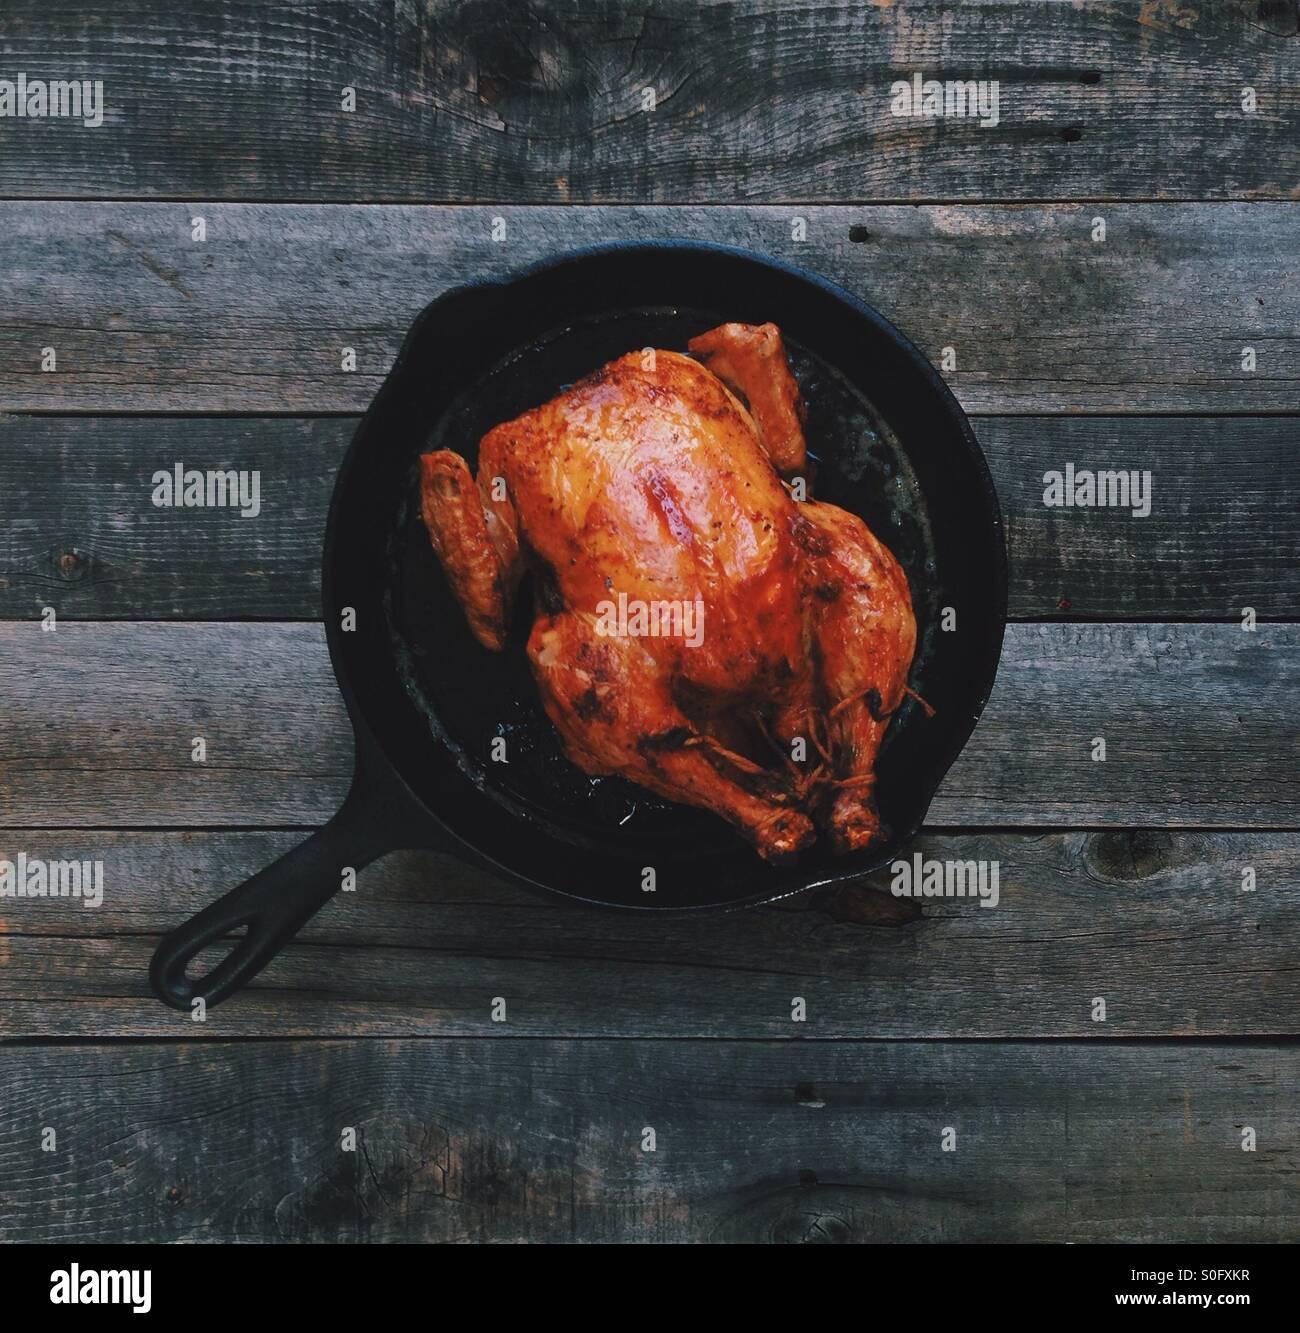 Cast Iron Roast Chicken Stock Photo